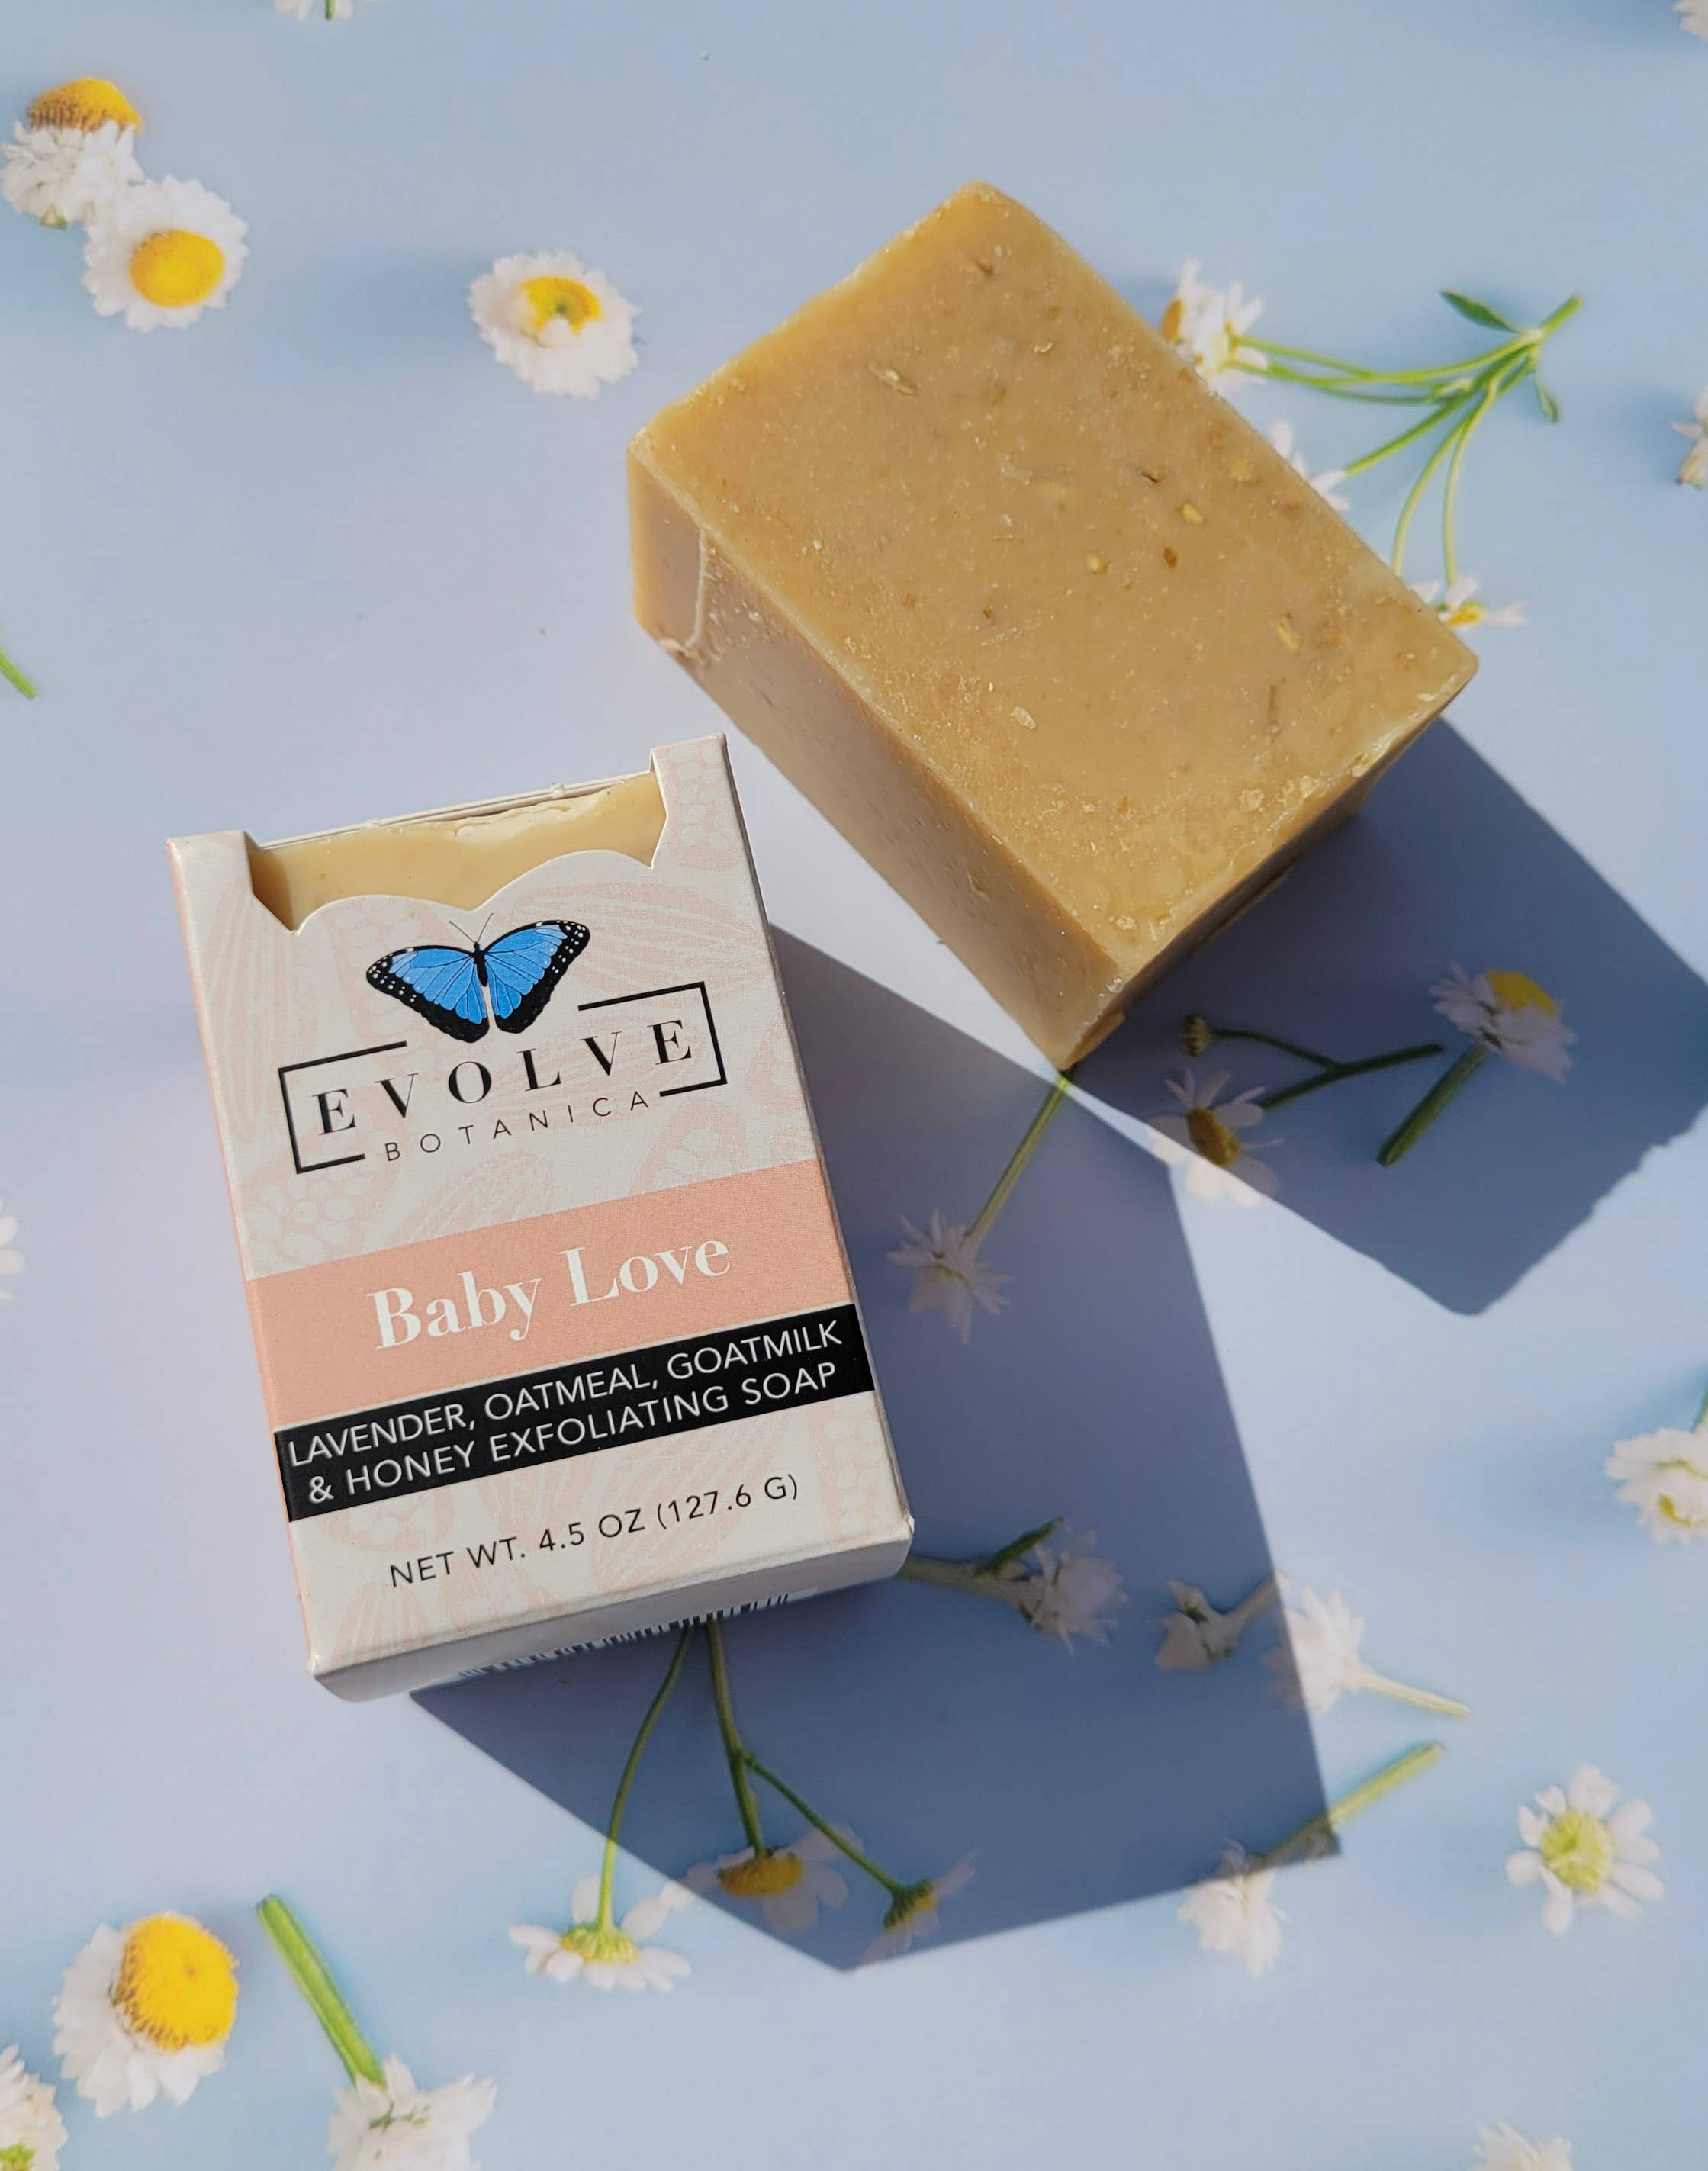 Evolve - Specialty Soap - Baby Love (Goatmilk) | Trada Marketplace